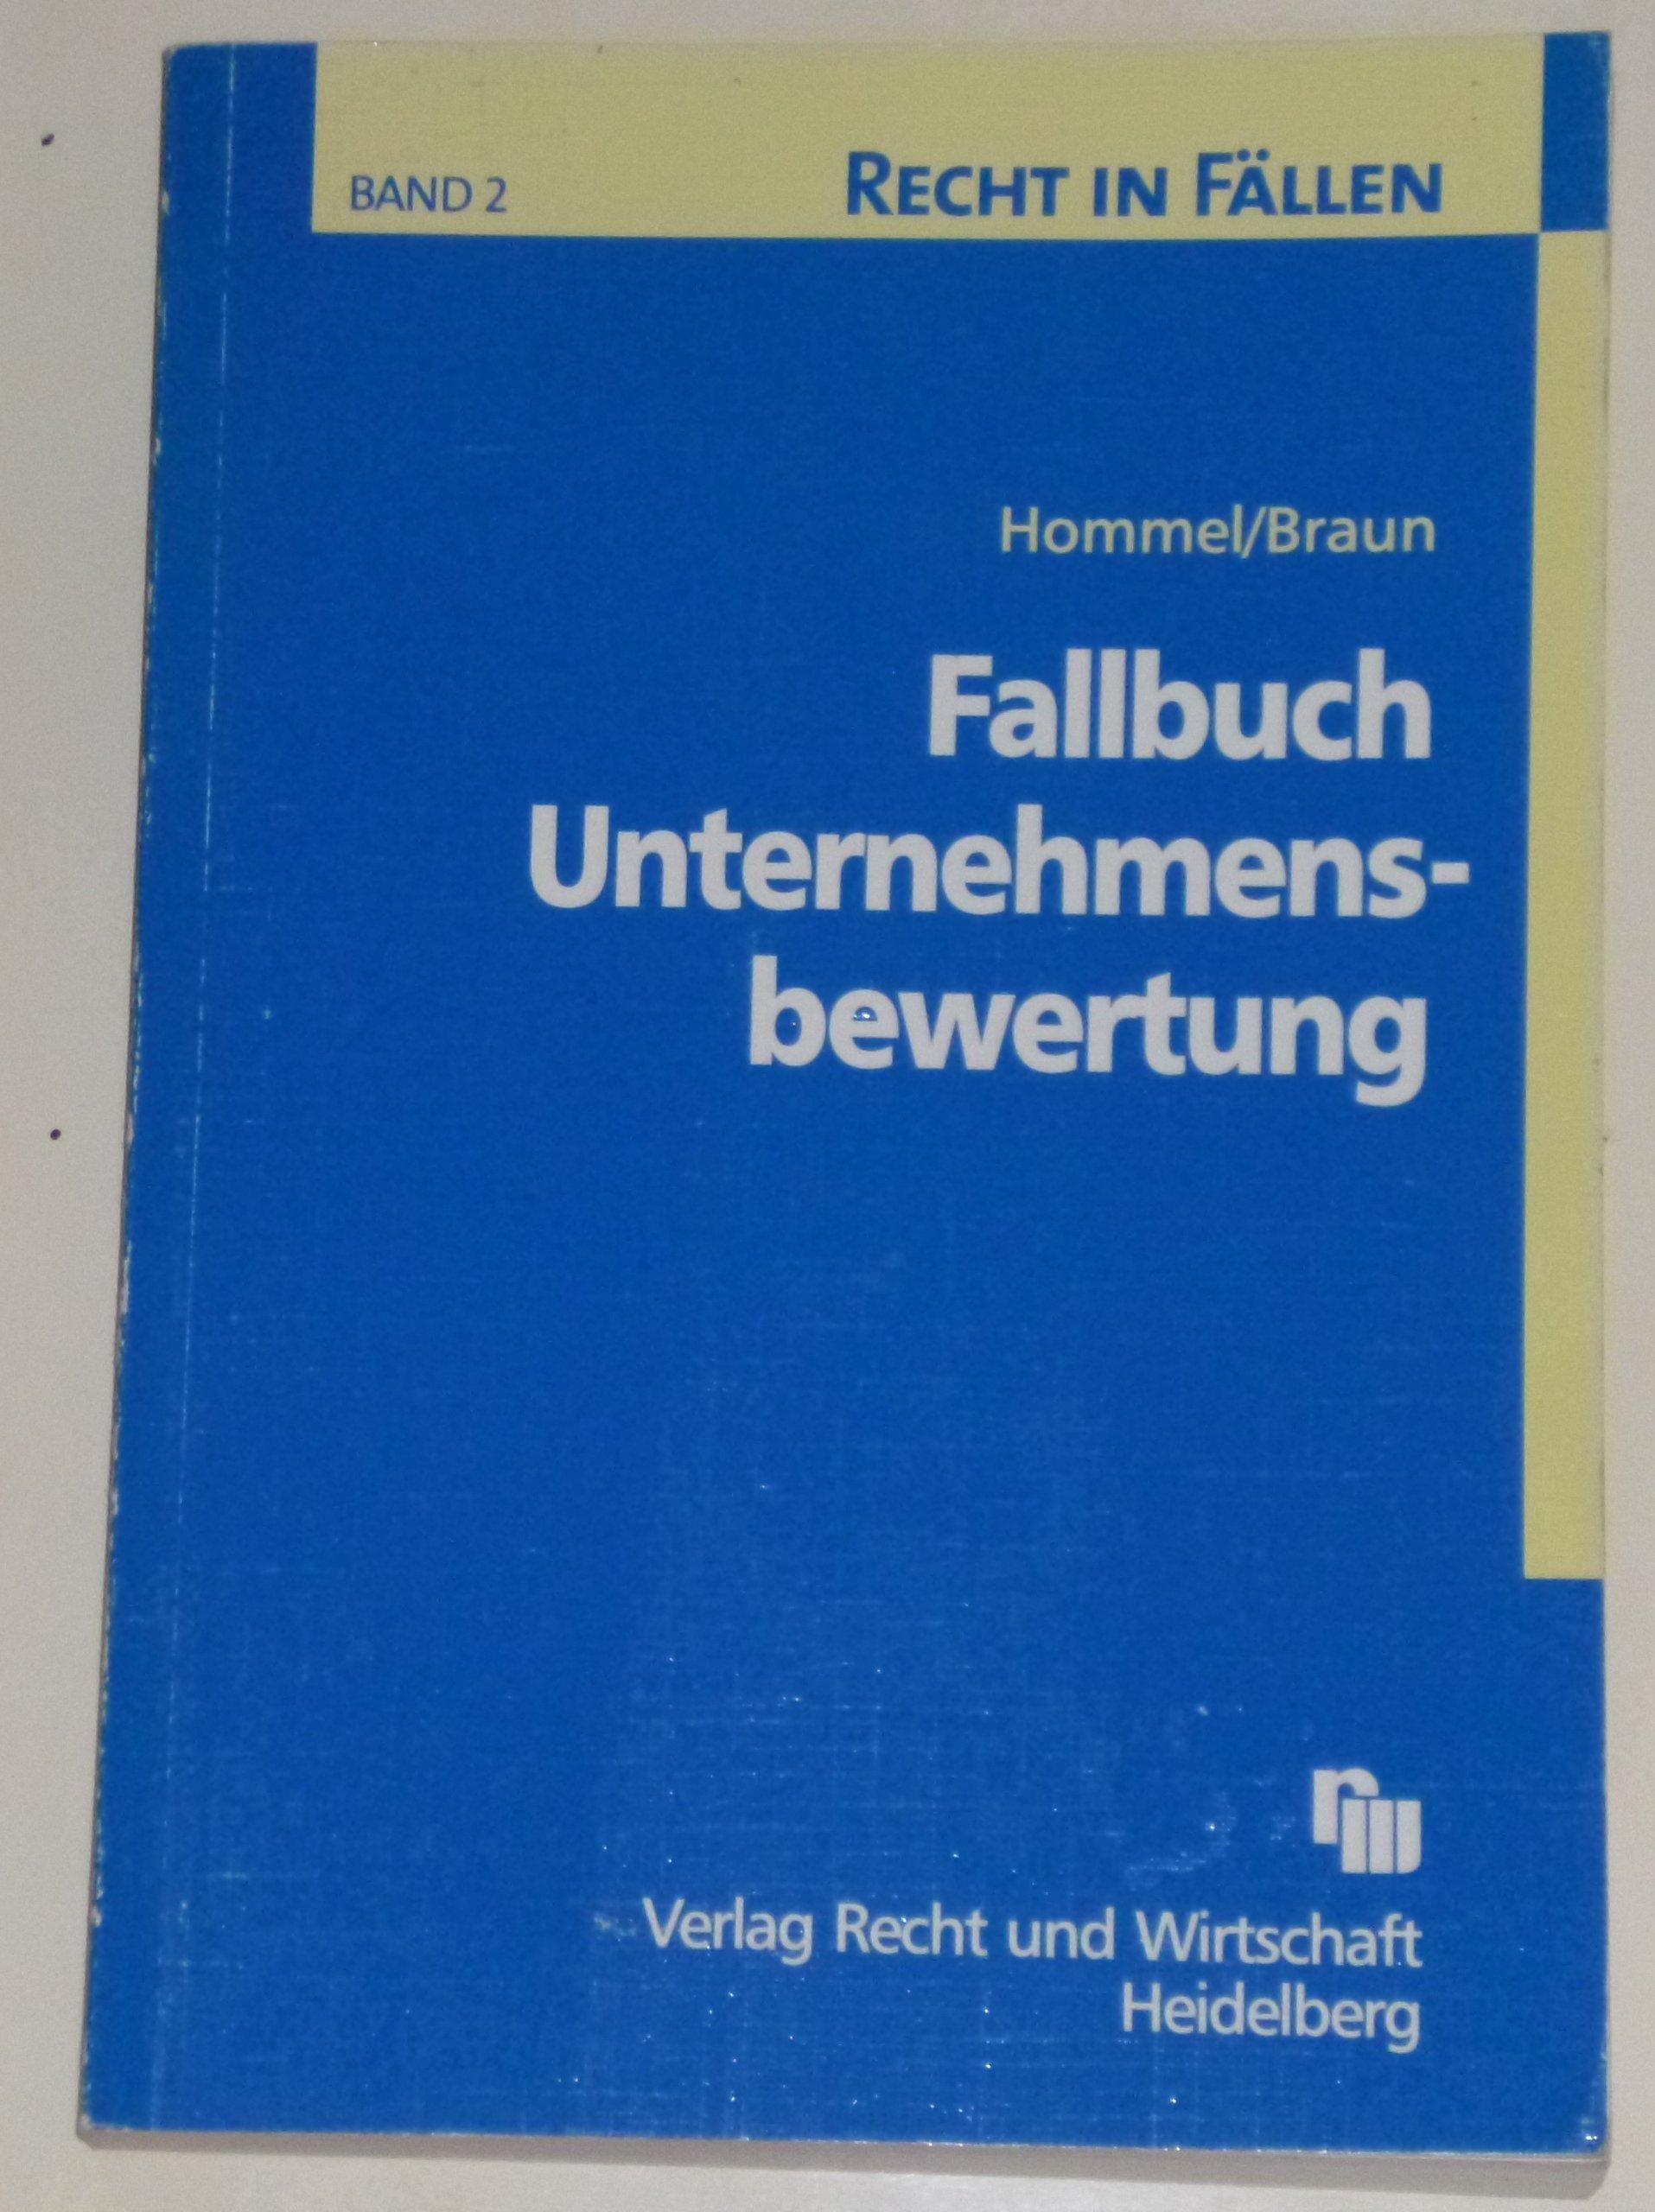 Fallbuch Unternehmensbewertung Taschenbuch – 1. Oktober 2002 Michael Hommel Inga Braun 3800513064 Betriebswirtschaft